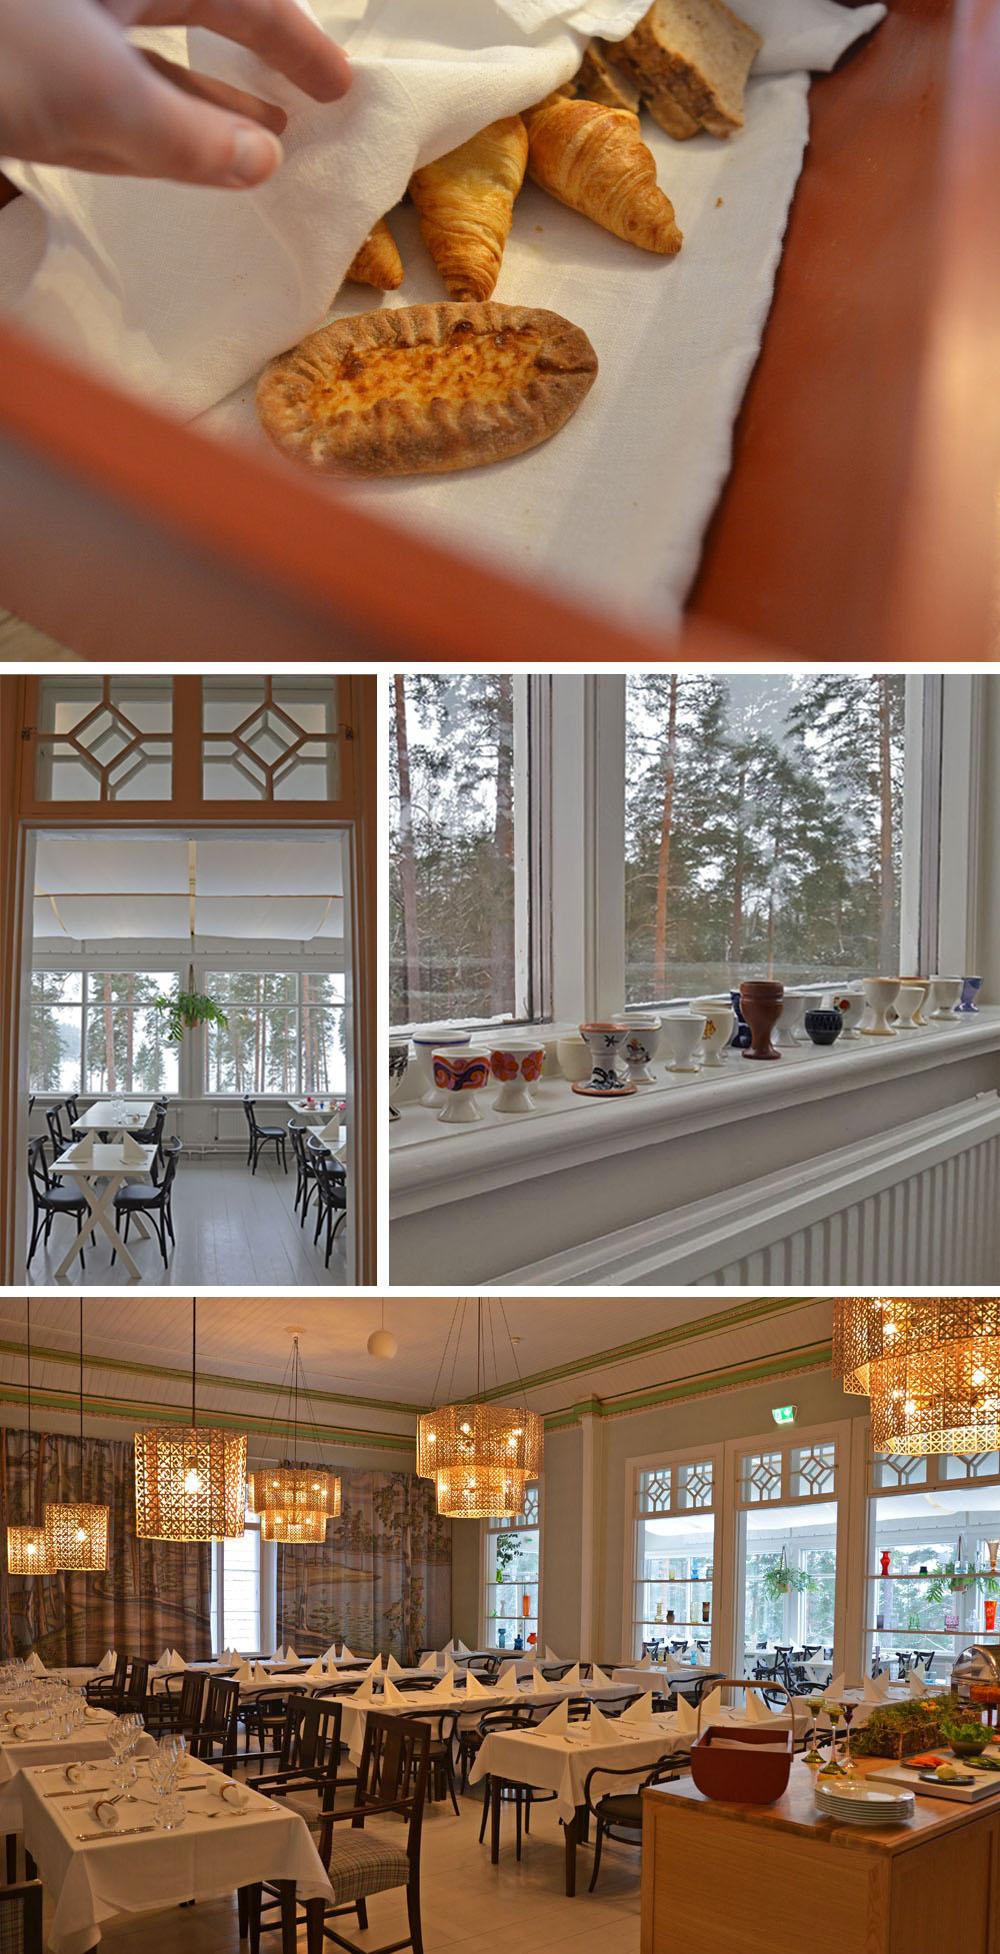 Dining room of Hotel Punkaharju - Travel - SaimaaLife.com